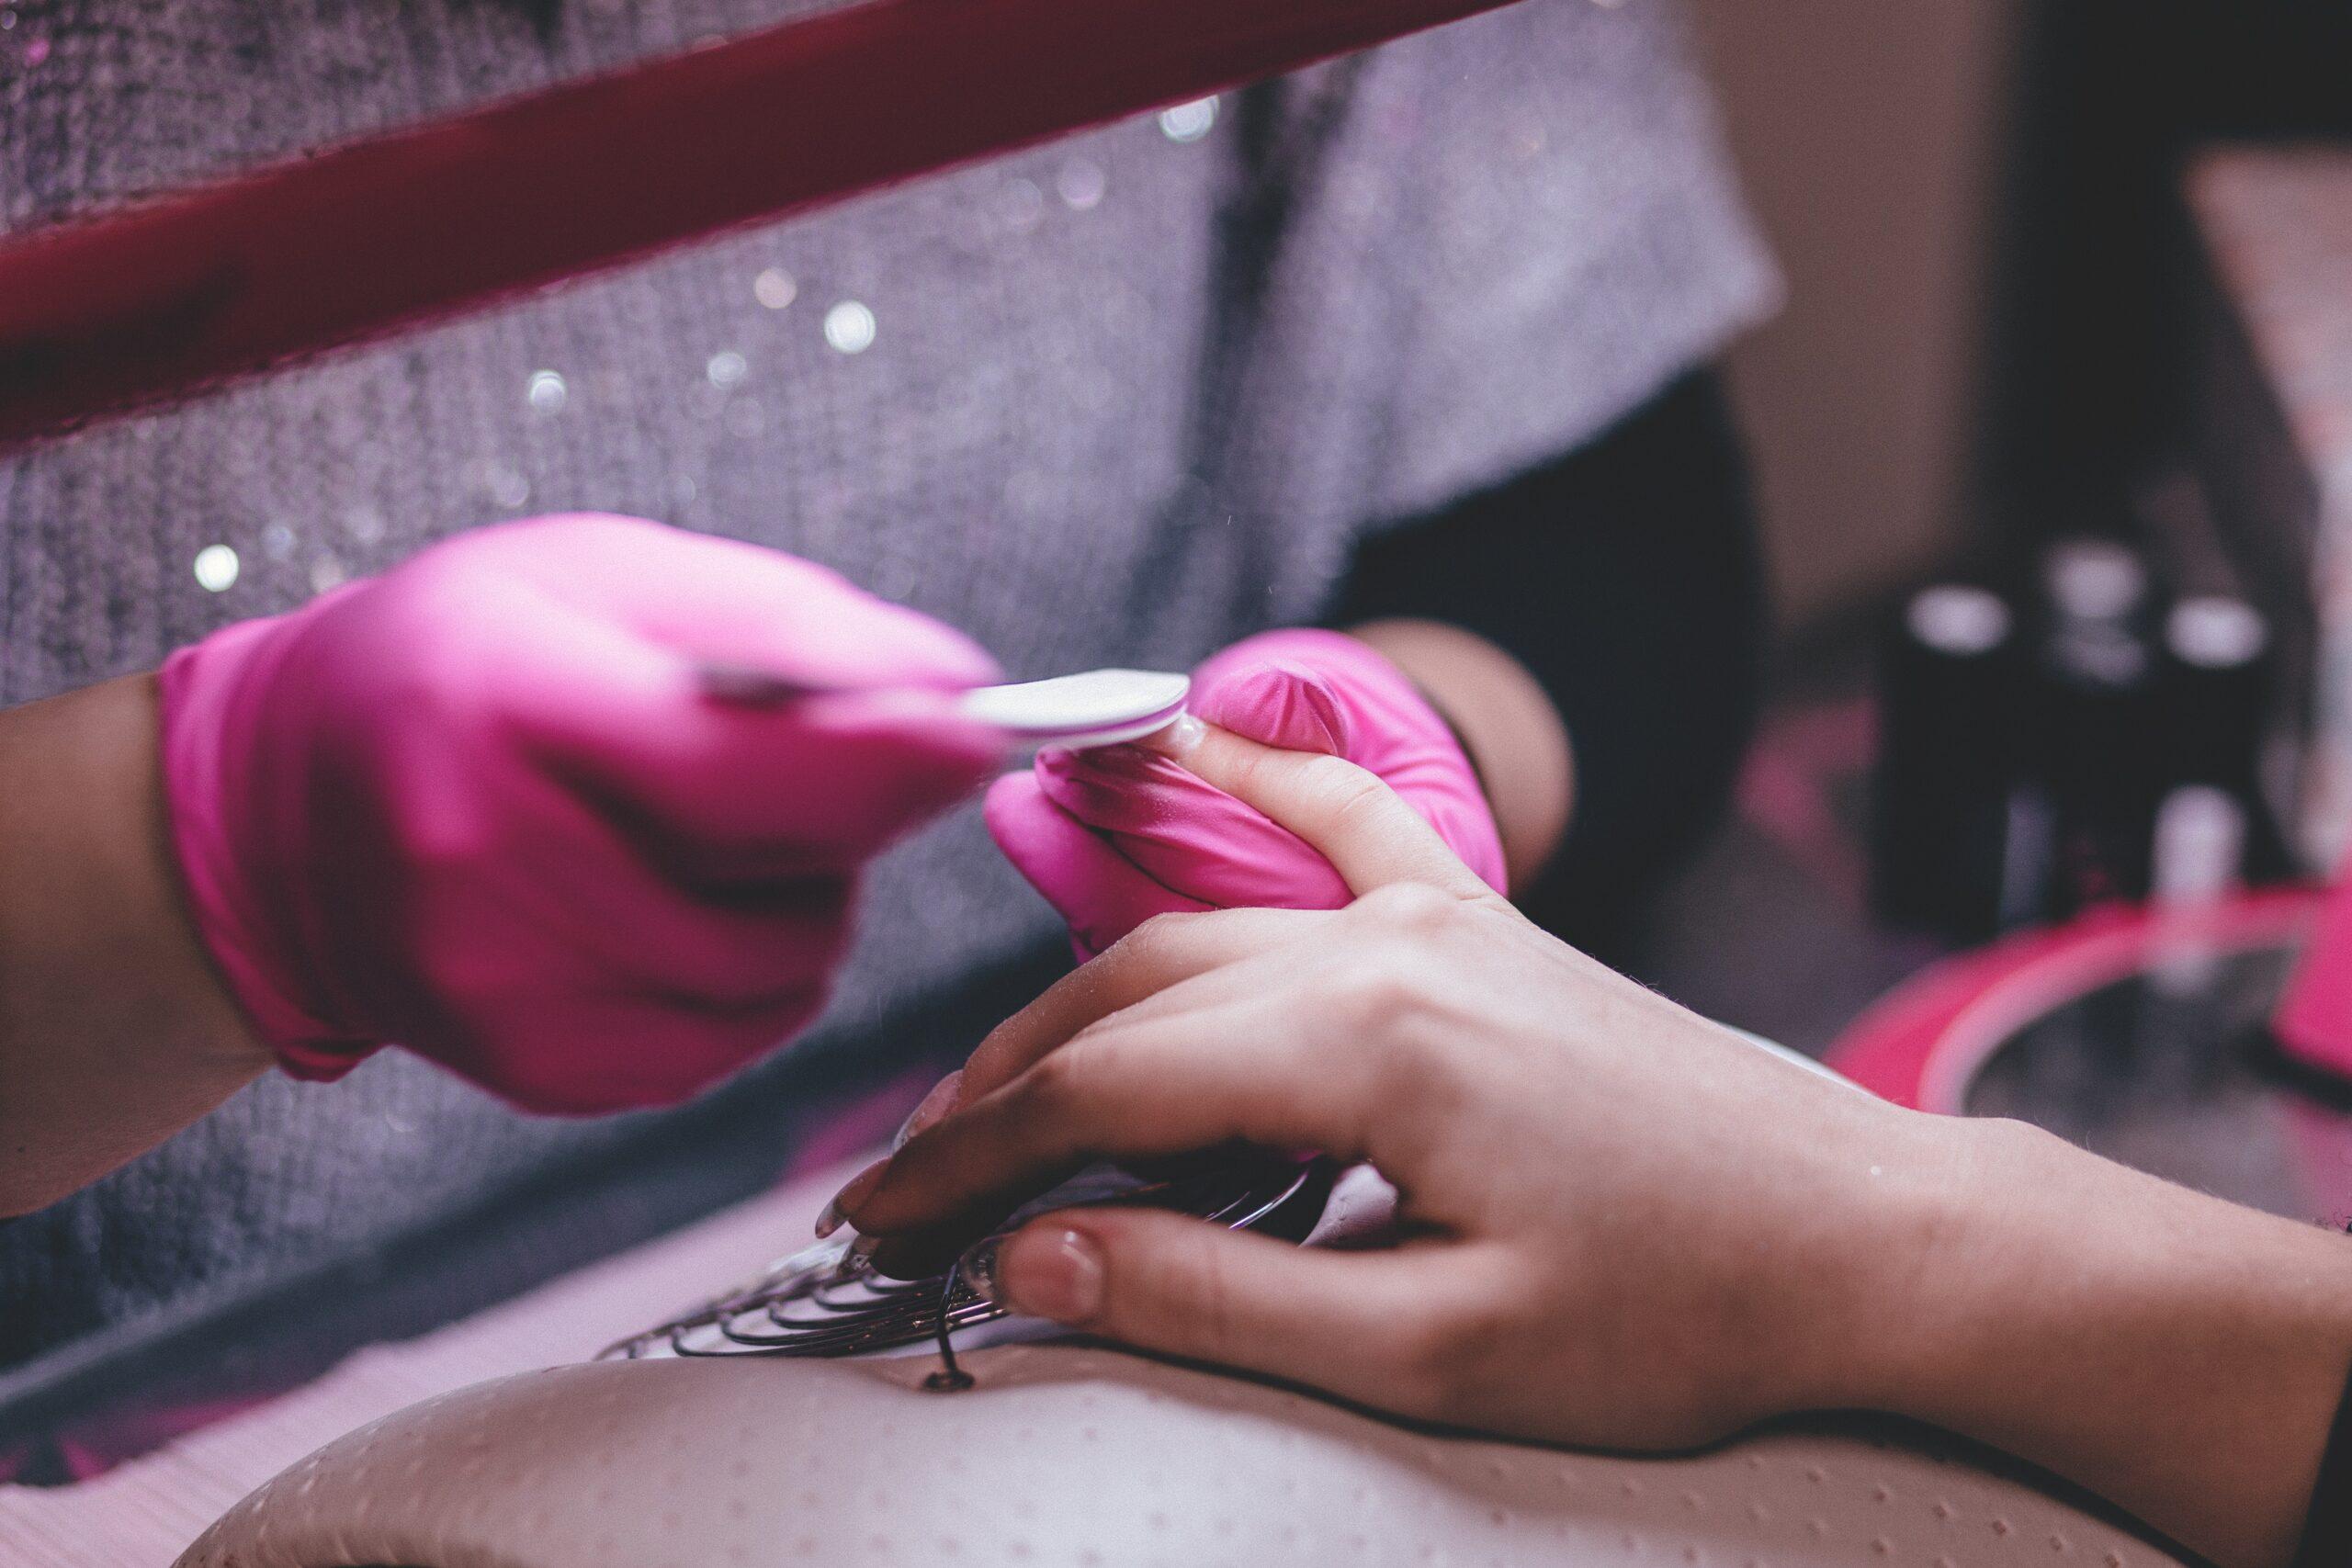 Ce avantaje îţi aduce diploma obţinută în urma cursurilor de manichiura?